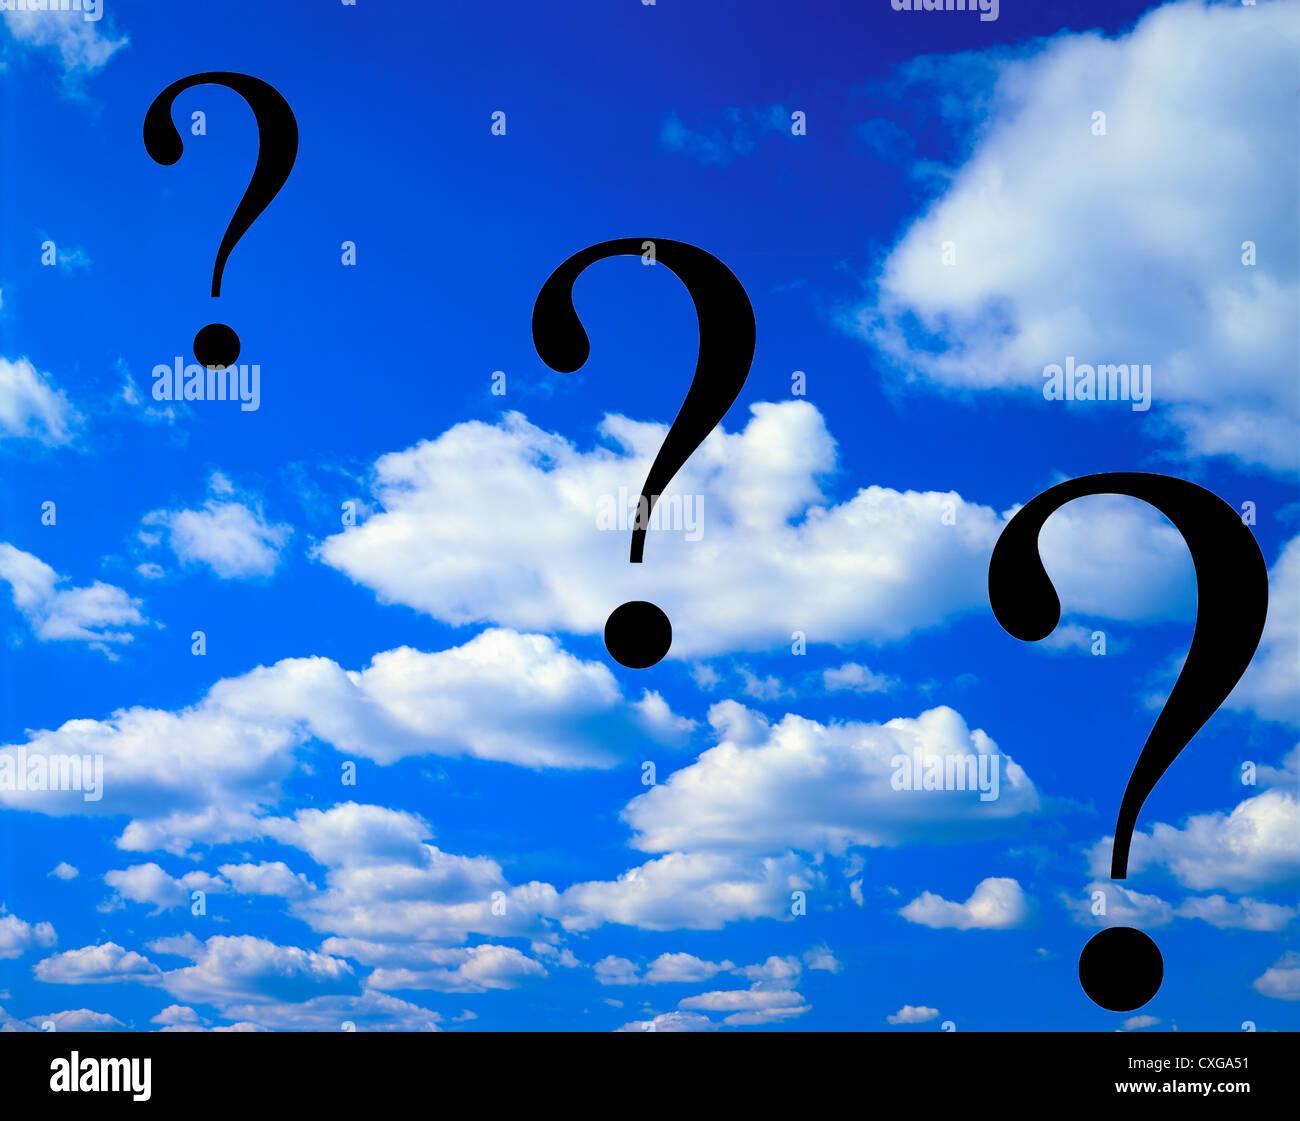 Concetto di cielo blu e nuvole bianche con 3 punti di domanda Immagini Stock